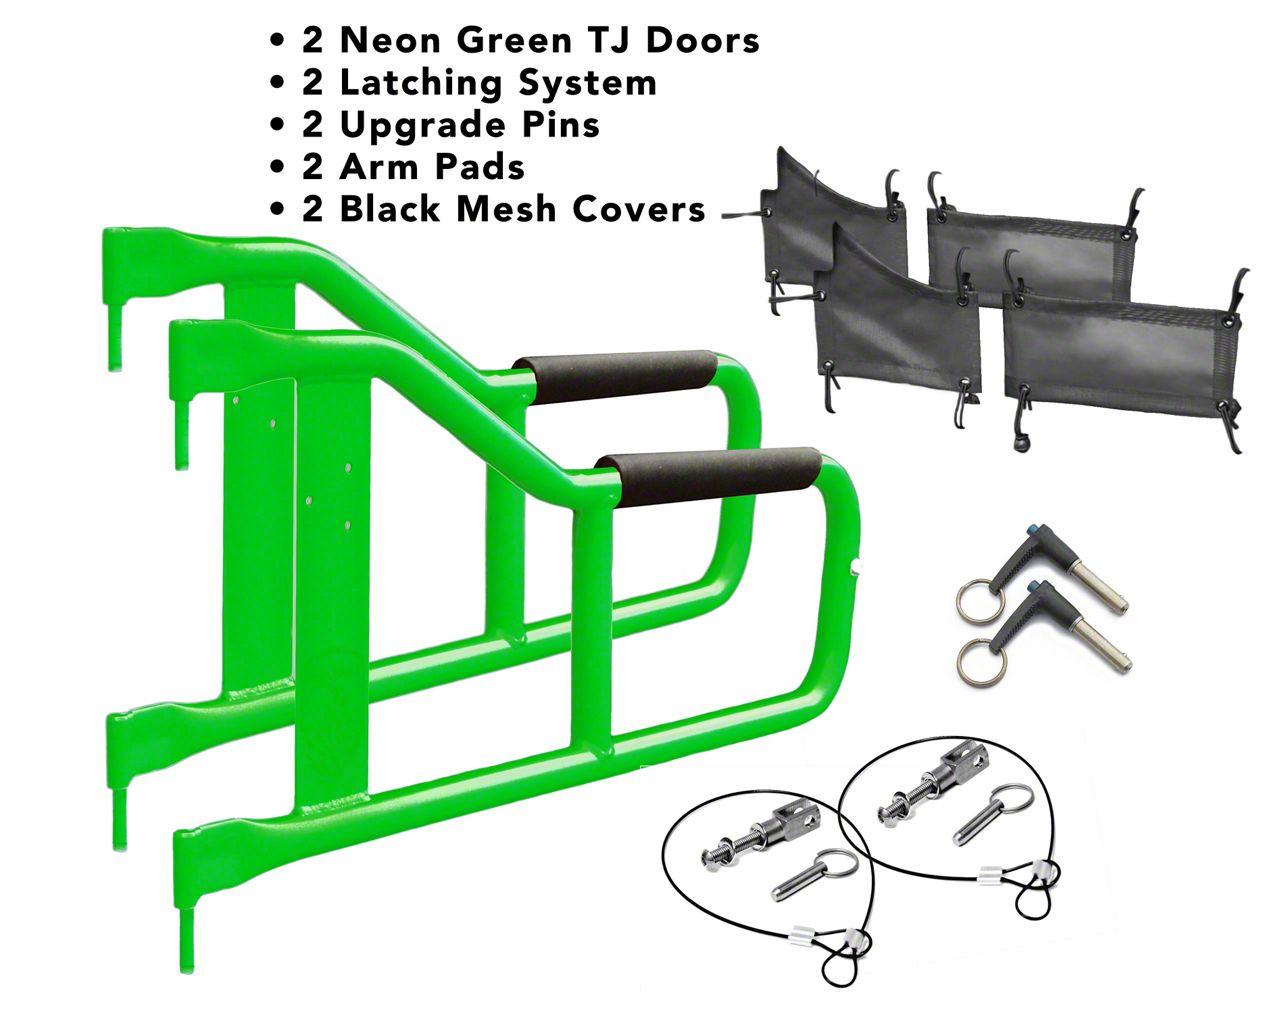 Steinjager Tube Doors - Neon Green & Black Mesh (97-06 Jeep Wrangler TJ)